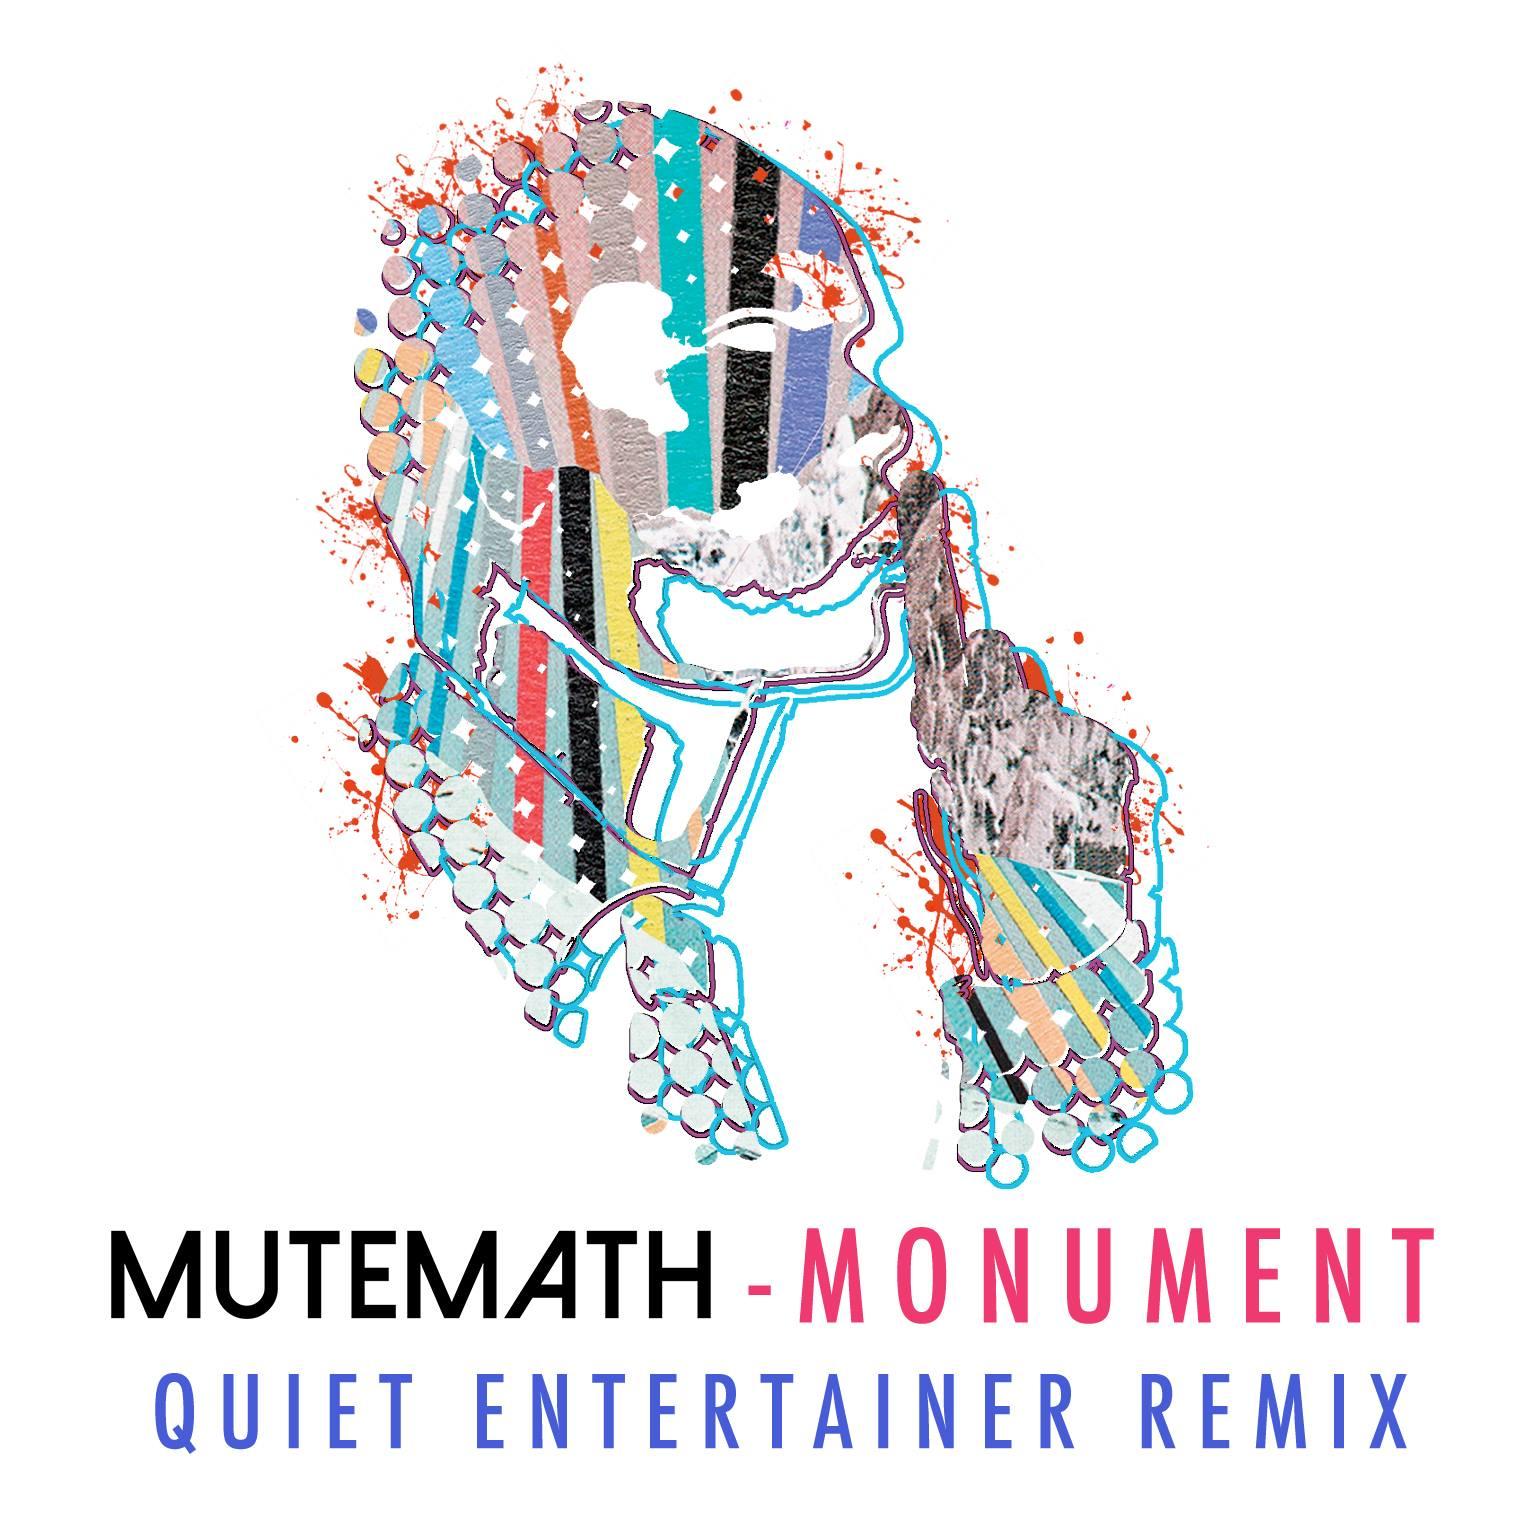 mutemath monument quiet entertainer remix